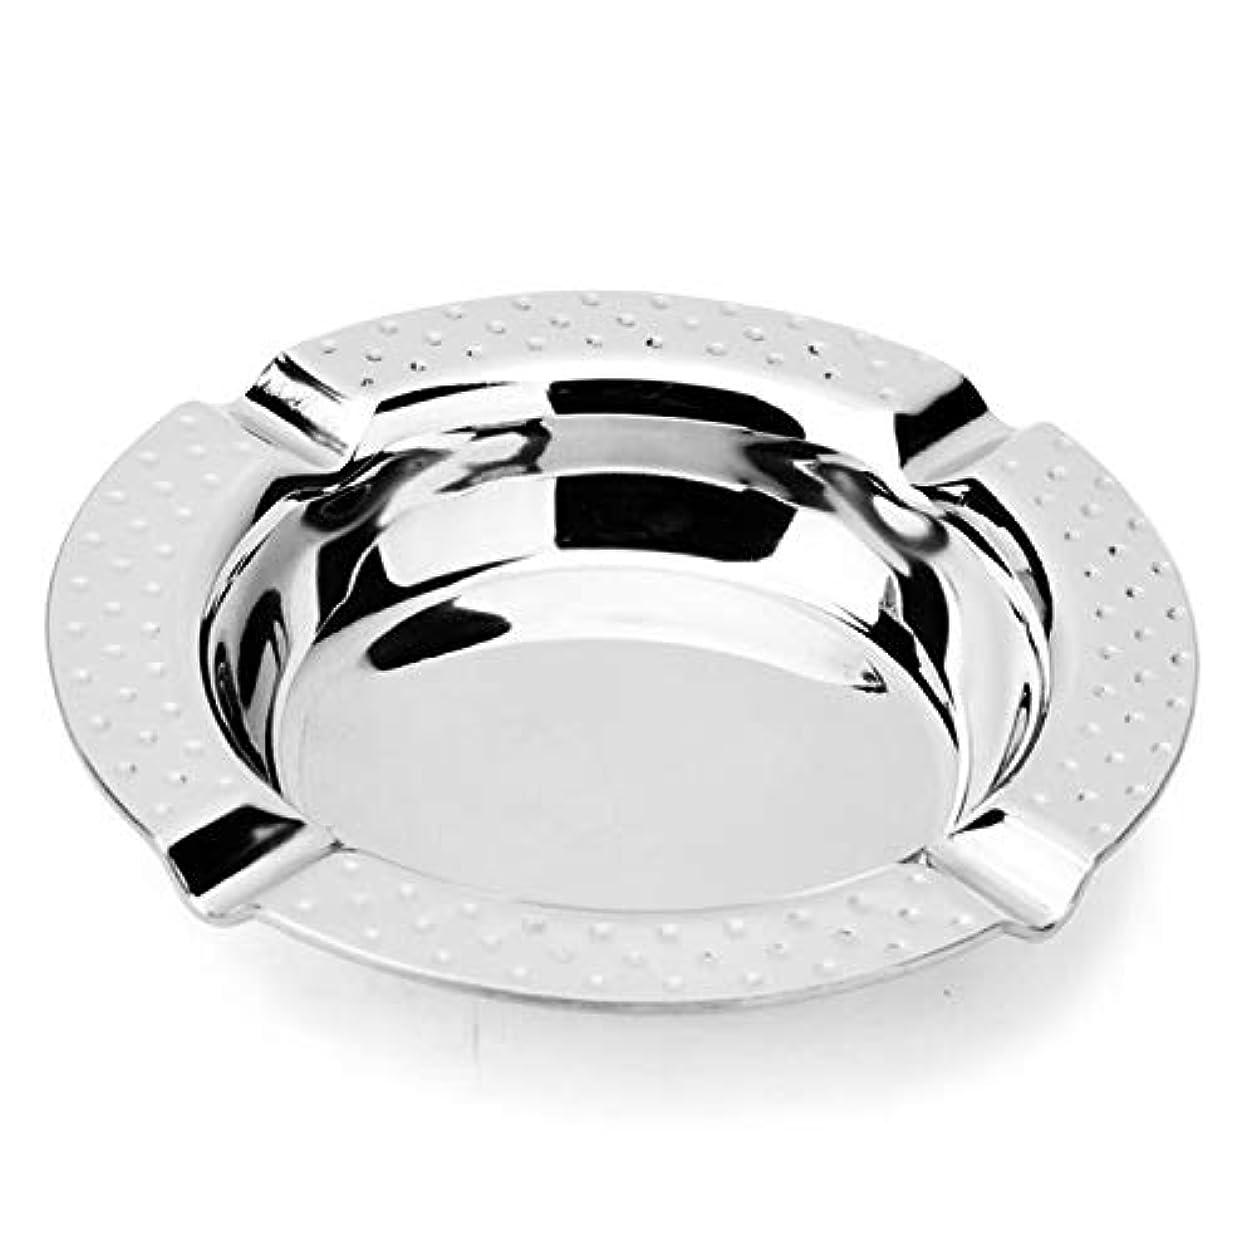 遠足ラッドヤードキップリングナチュラルステンレス鋼ハンマーポイント灰皿クリエイティブパーソナリティリビングルームオフィス、ヘイズ夫、同僚ギフト